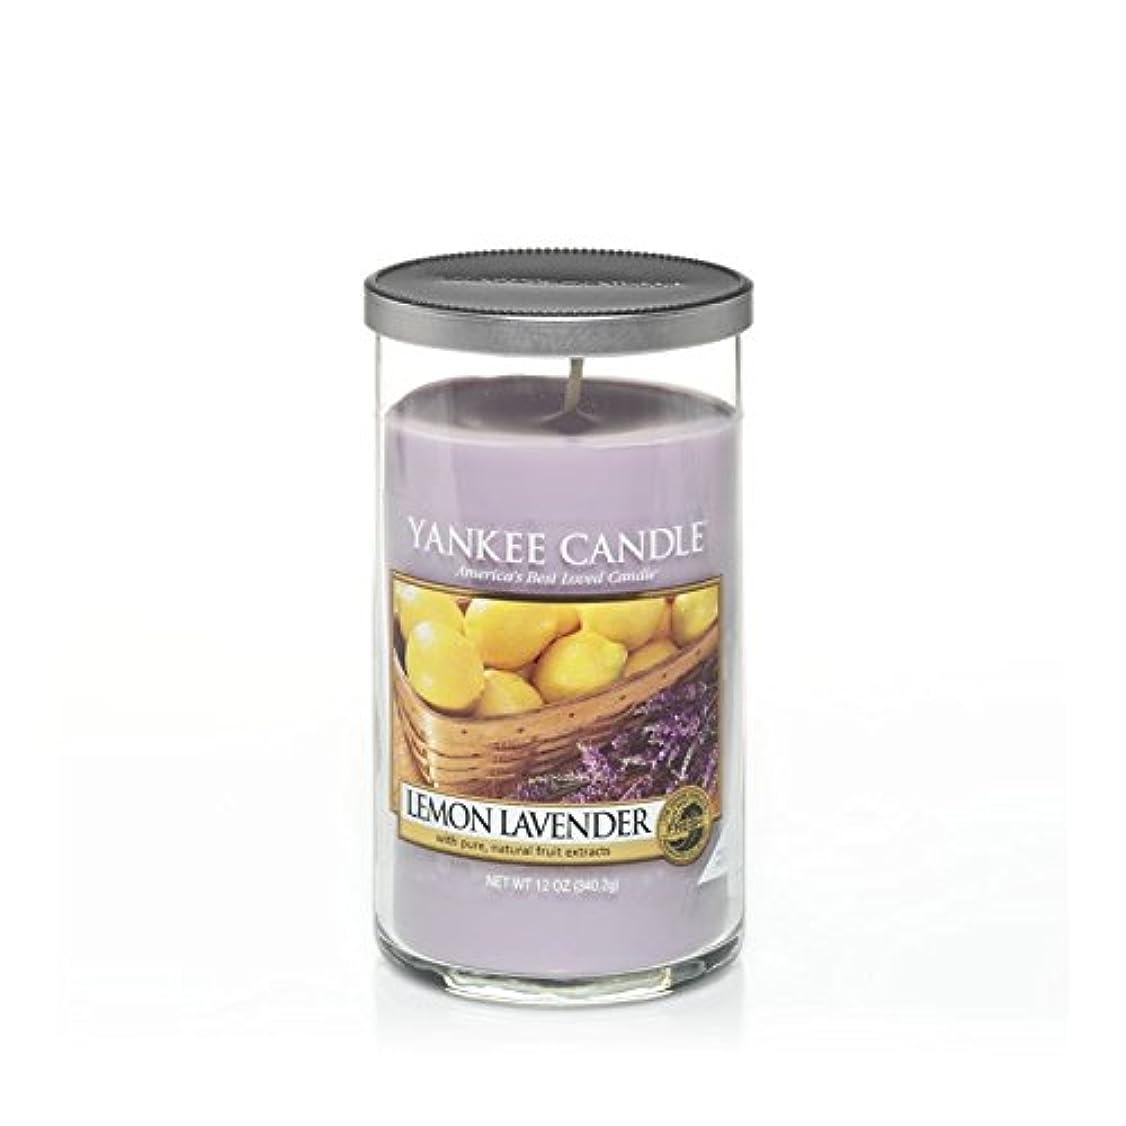 おとなしいオペレーター哺乳類ヤンキーキャンドルメディアピラーキャンドル - レモンラベンダー - Yankee Candles Medium Pillar Candle - Lemon Lavender (Yankee Candles) [並行輸入品]